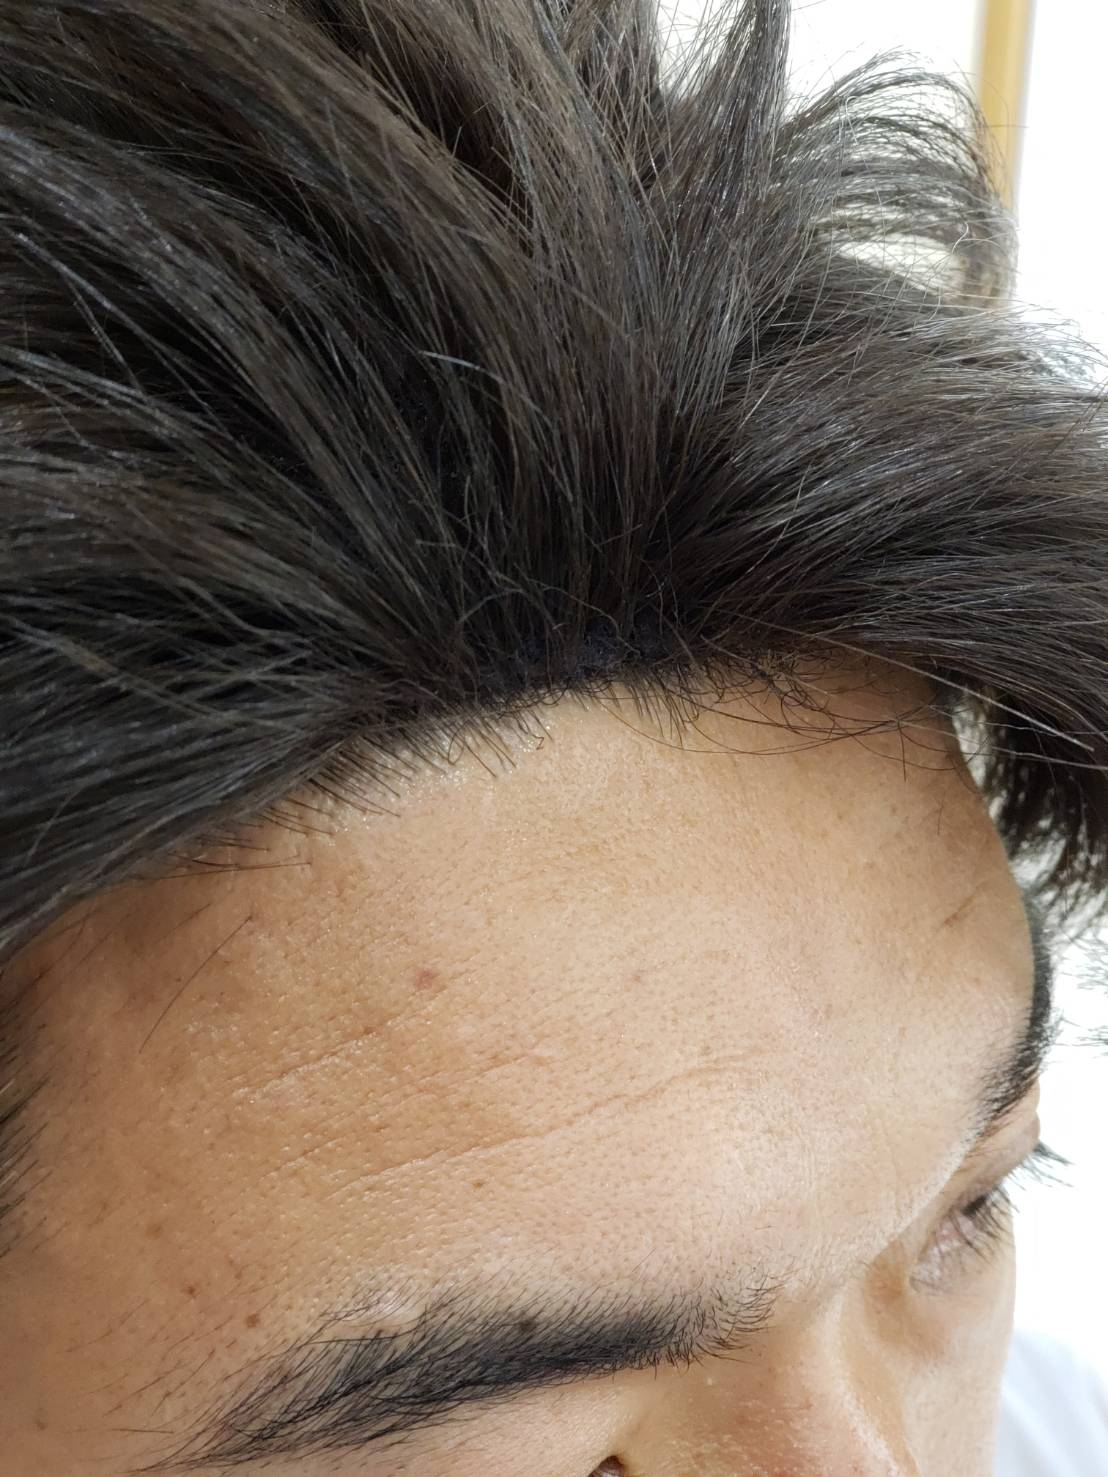 市販で流通しているウィッグと同様です。 前髪があるタイプは問題有りませんが上の画像の様なワンレングスや、額を出すスタイルだと不自然に見えます。主に各種イベント・バラエティ向きです。